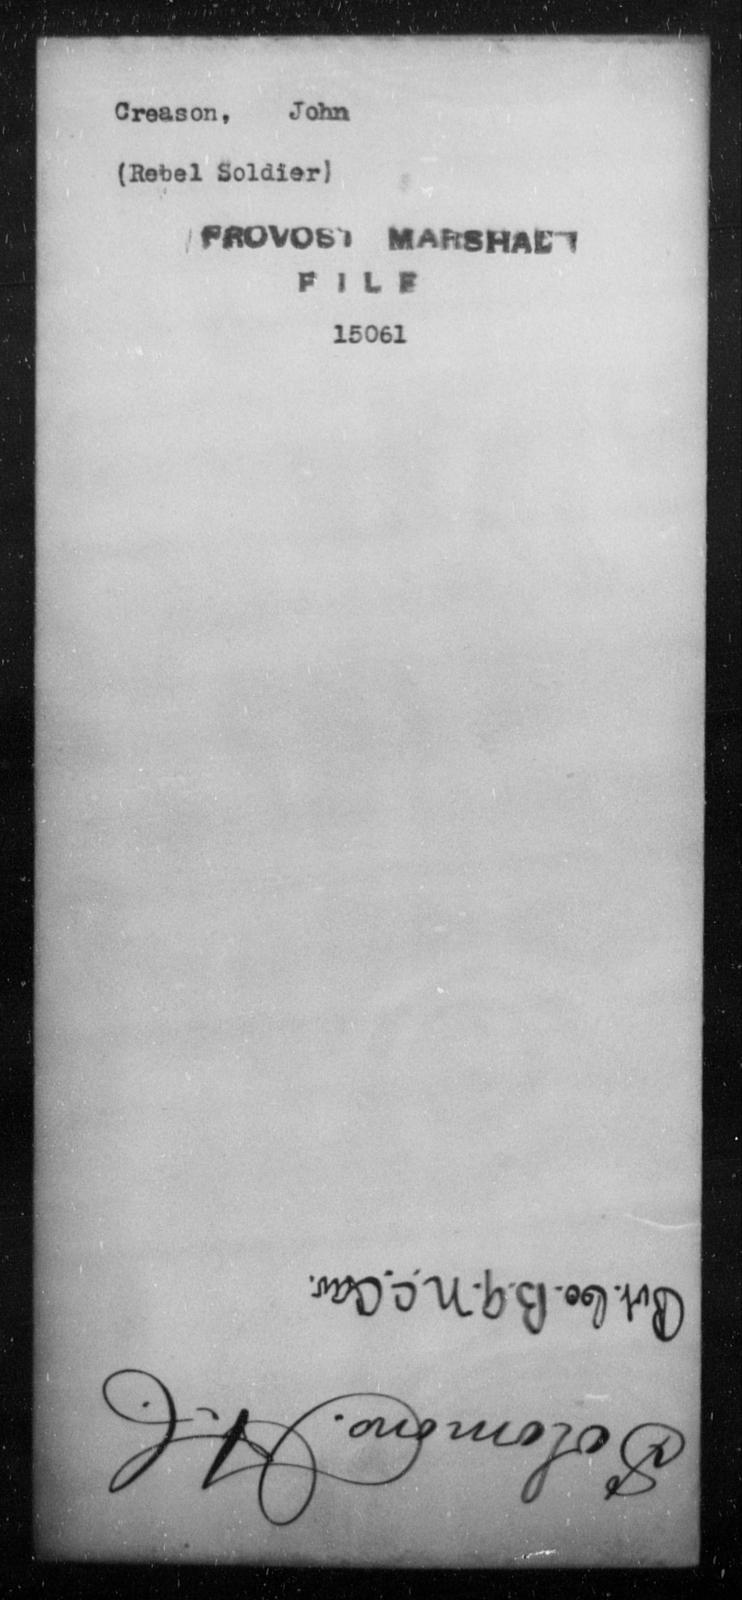 Creason, John - State: [Blank] - Year: [Blank]